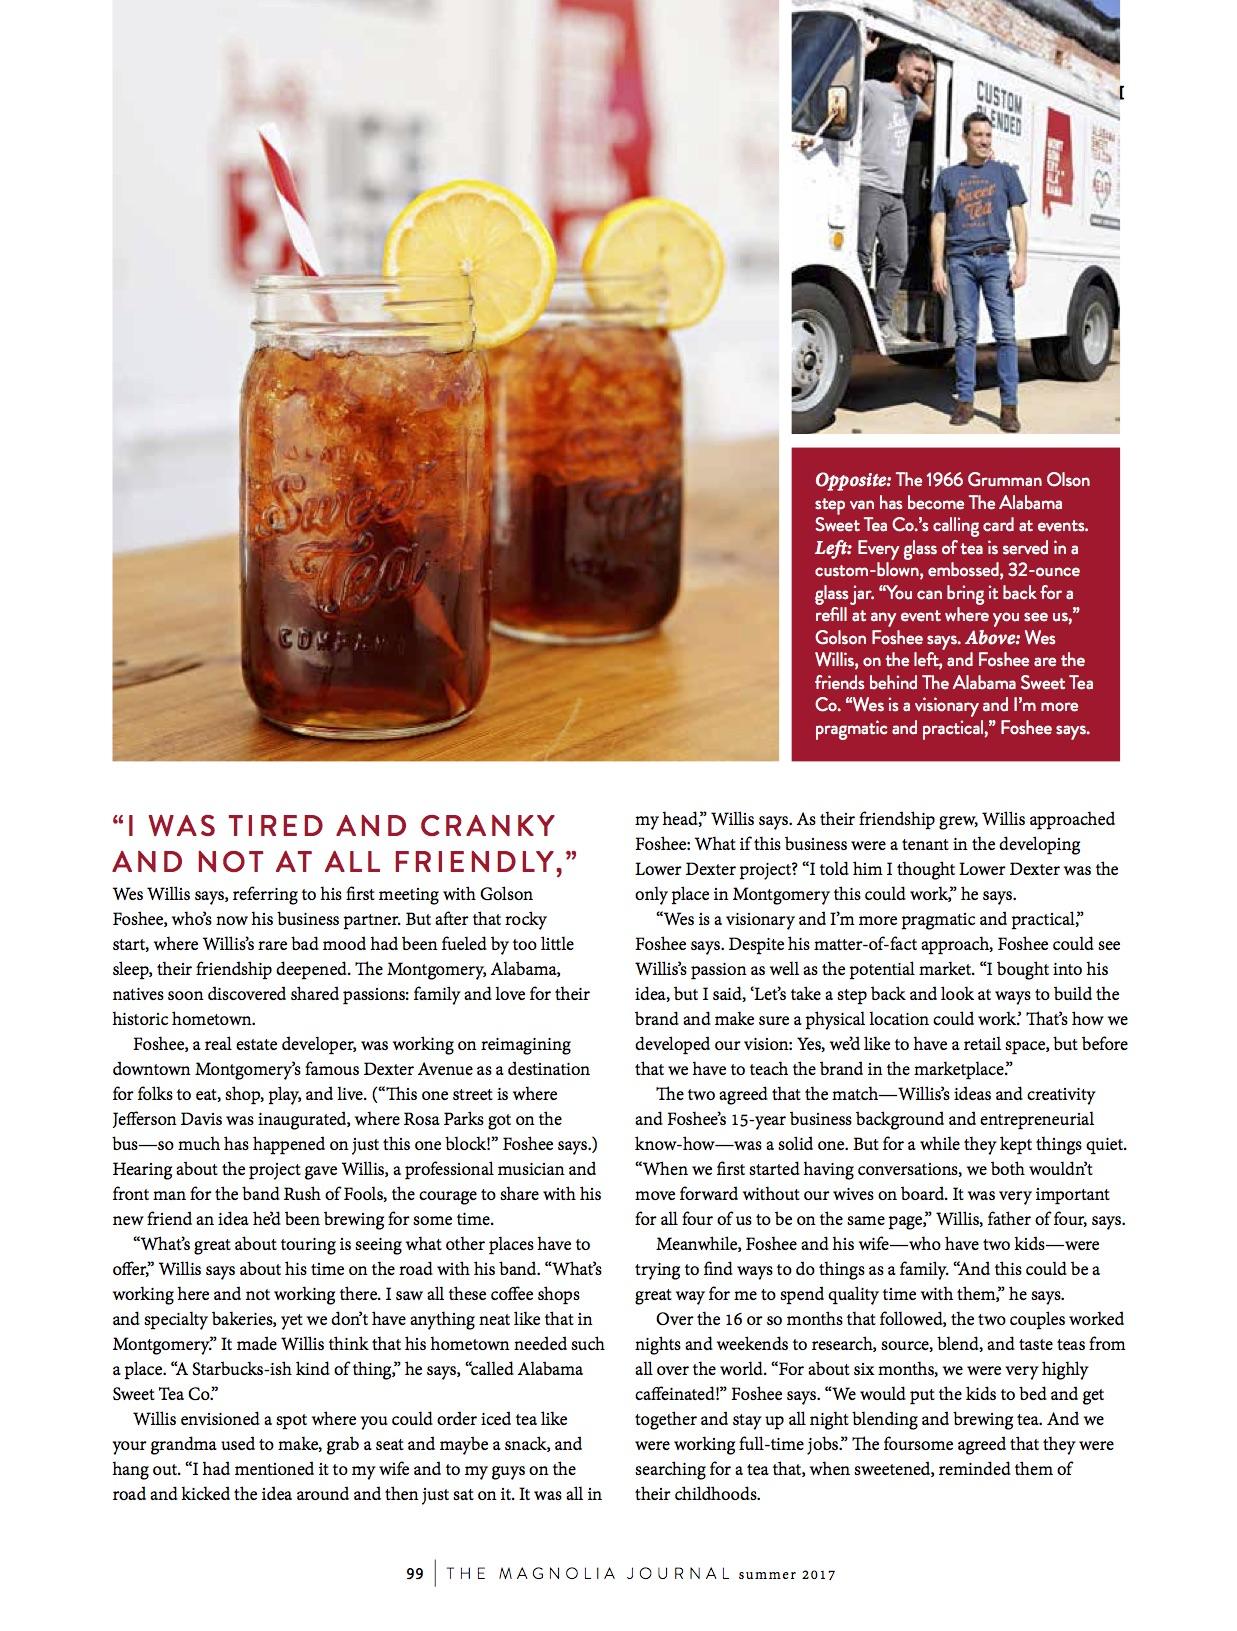 Sweet tea story 99.jpg